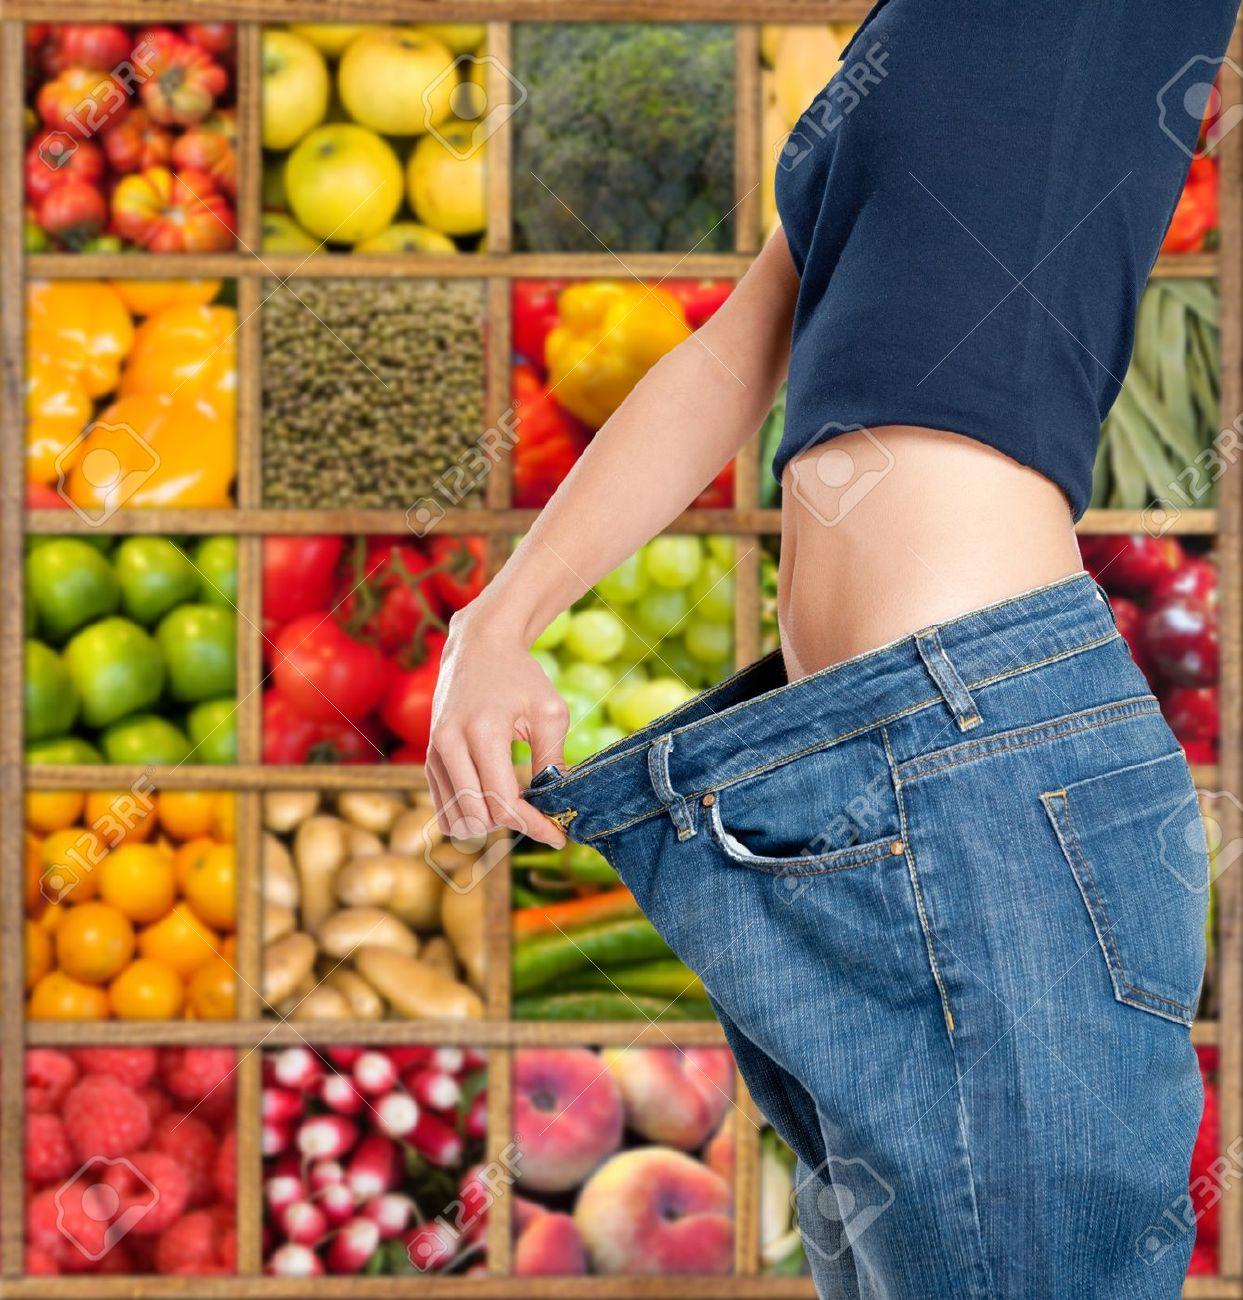 Afbeeldingsresultaat voor gezonde voeding plaatjes